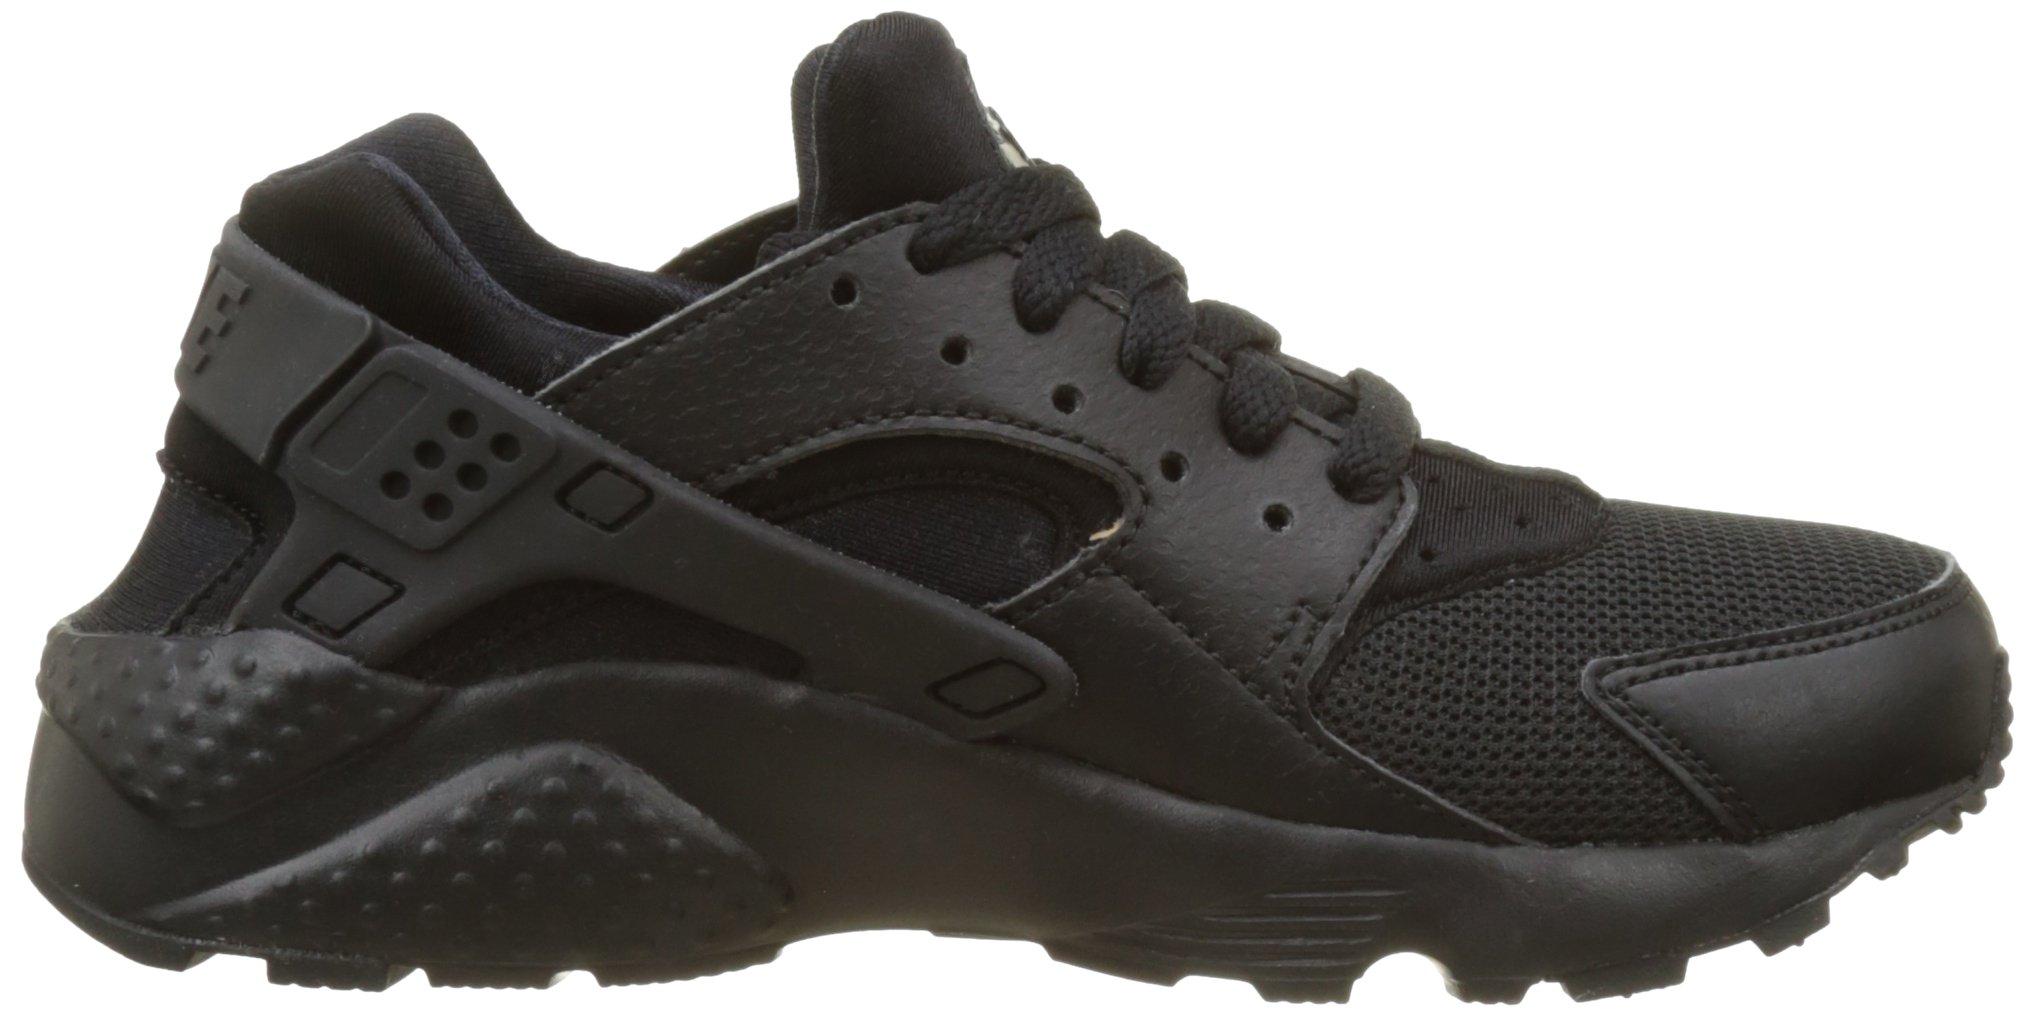 71IpiaGO%2BqL - Nike Huarache Run (GS), Boys' Running Shoes